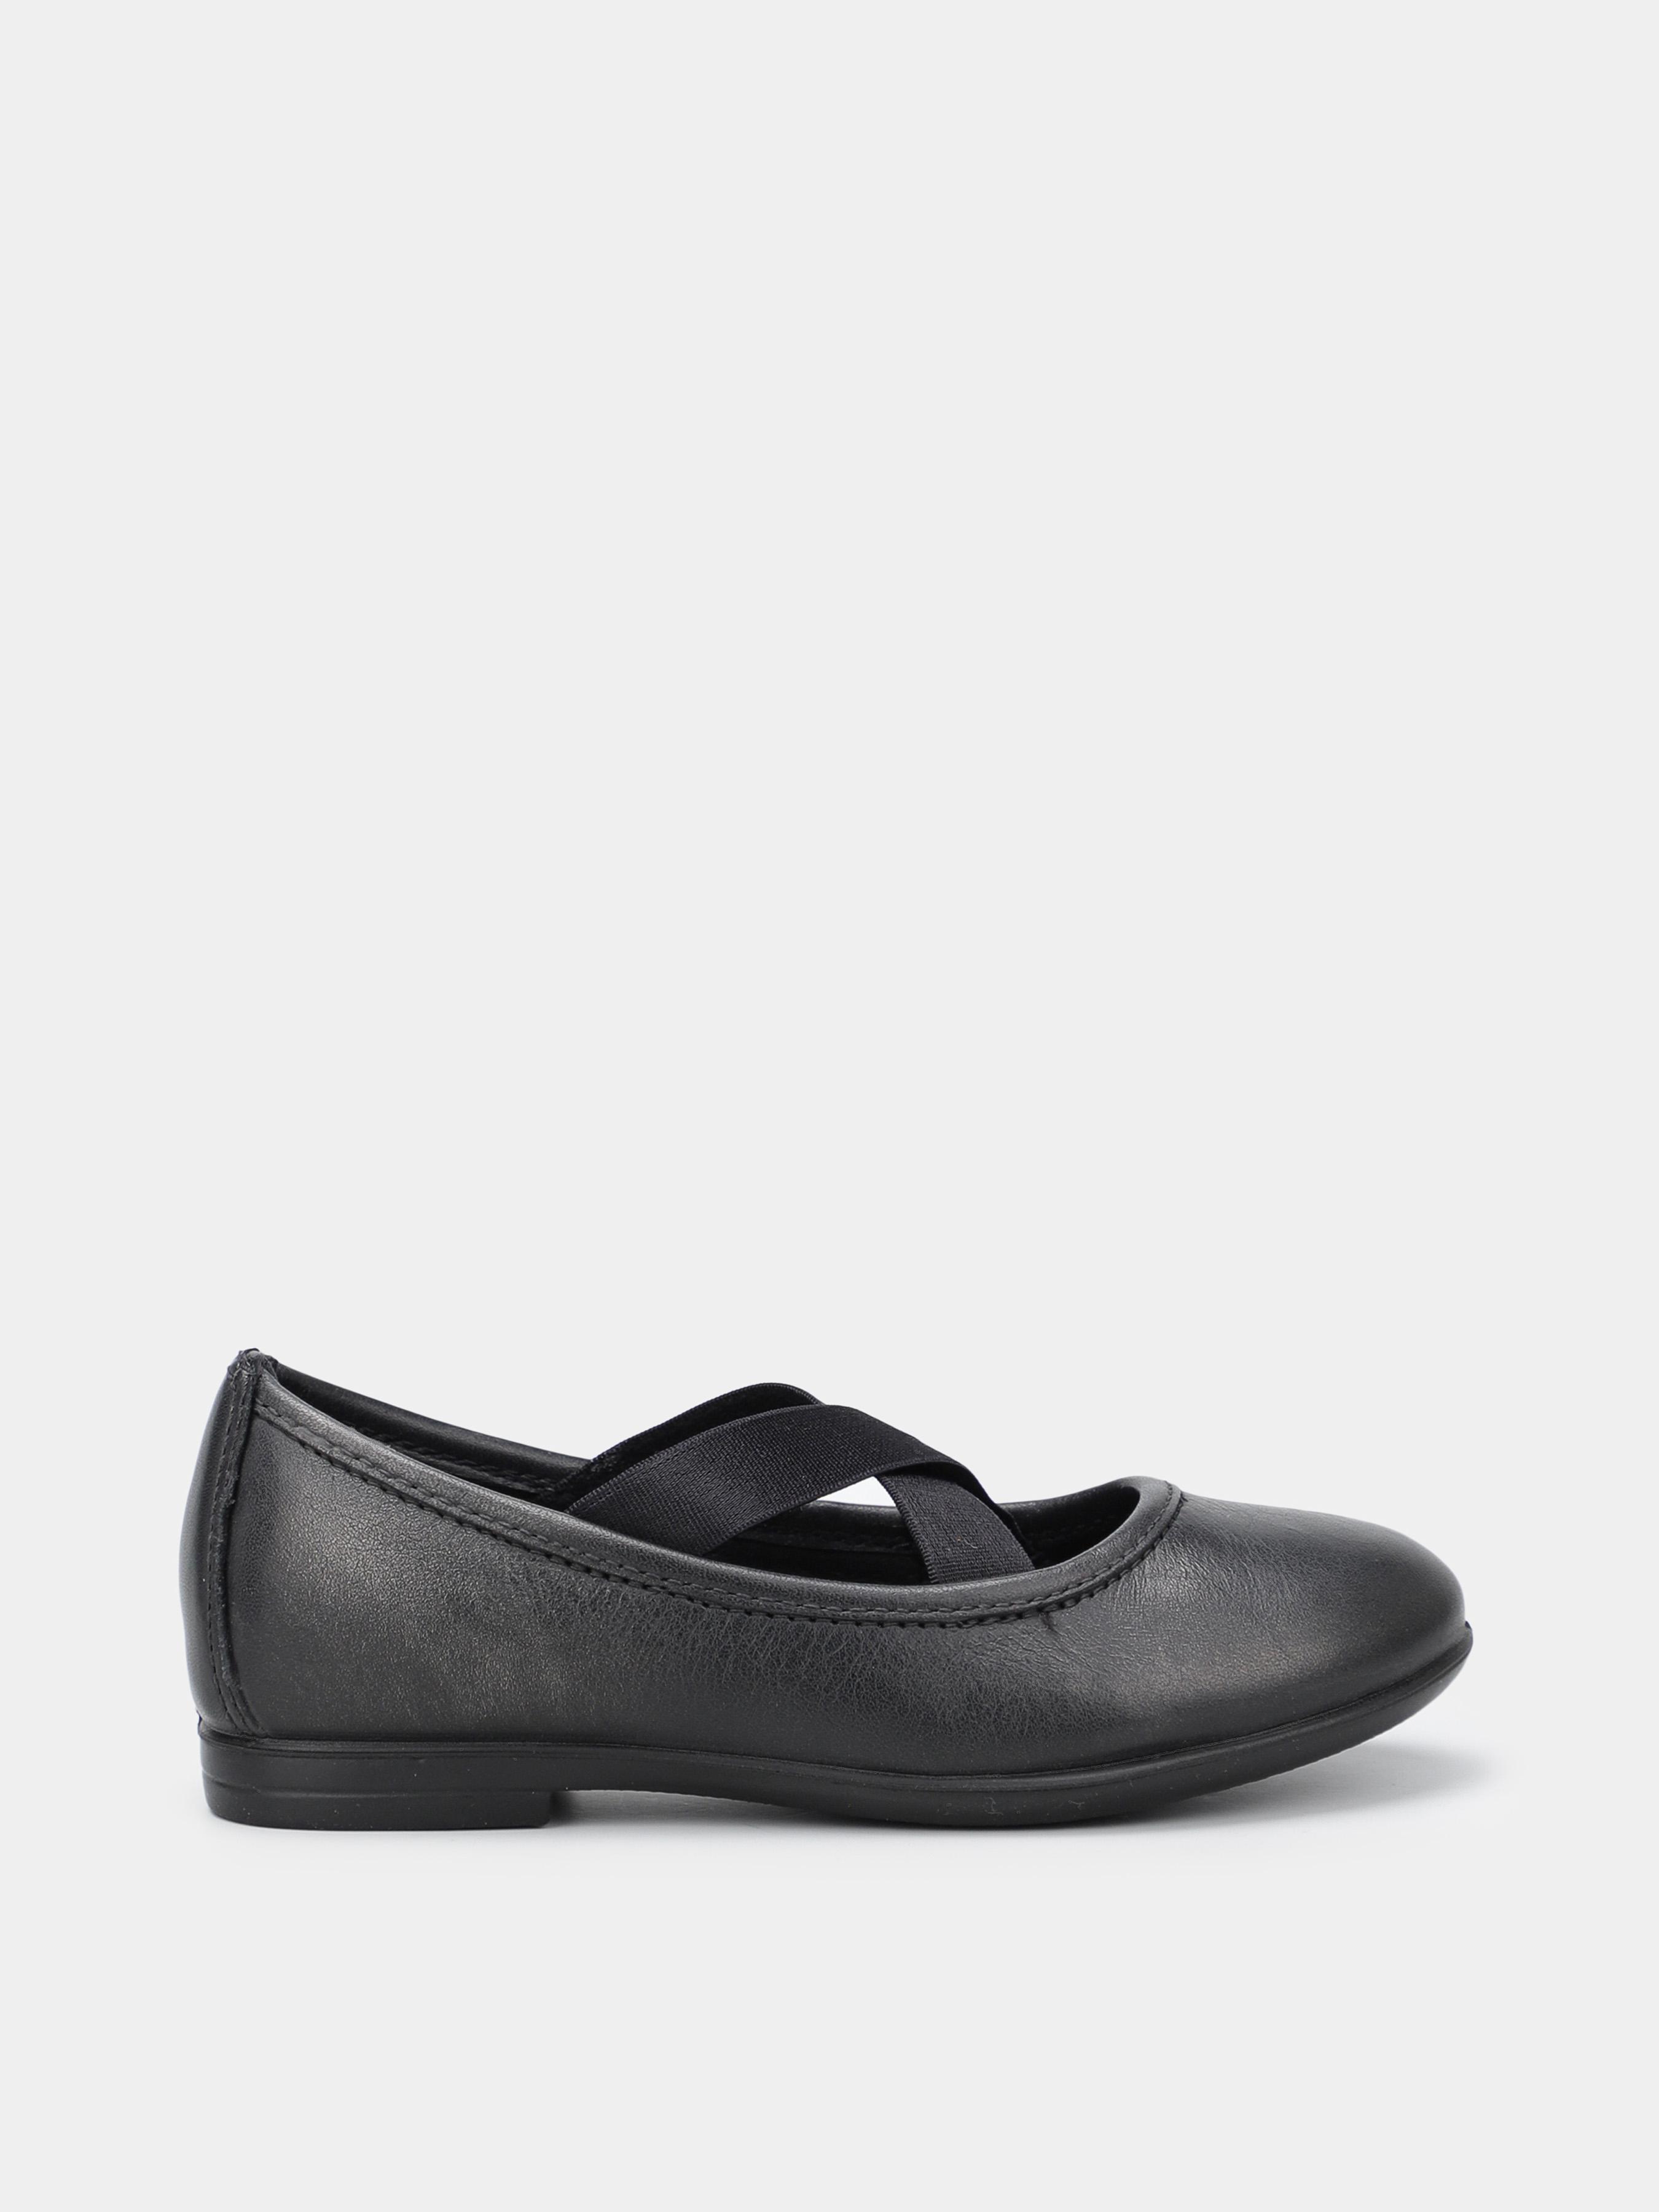 дівчачі туфлі ecco audrey 780552(01001) шкіряні